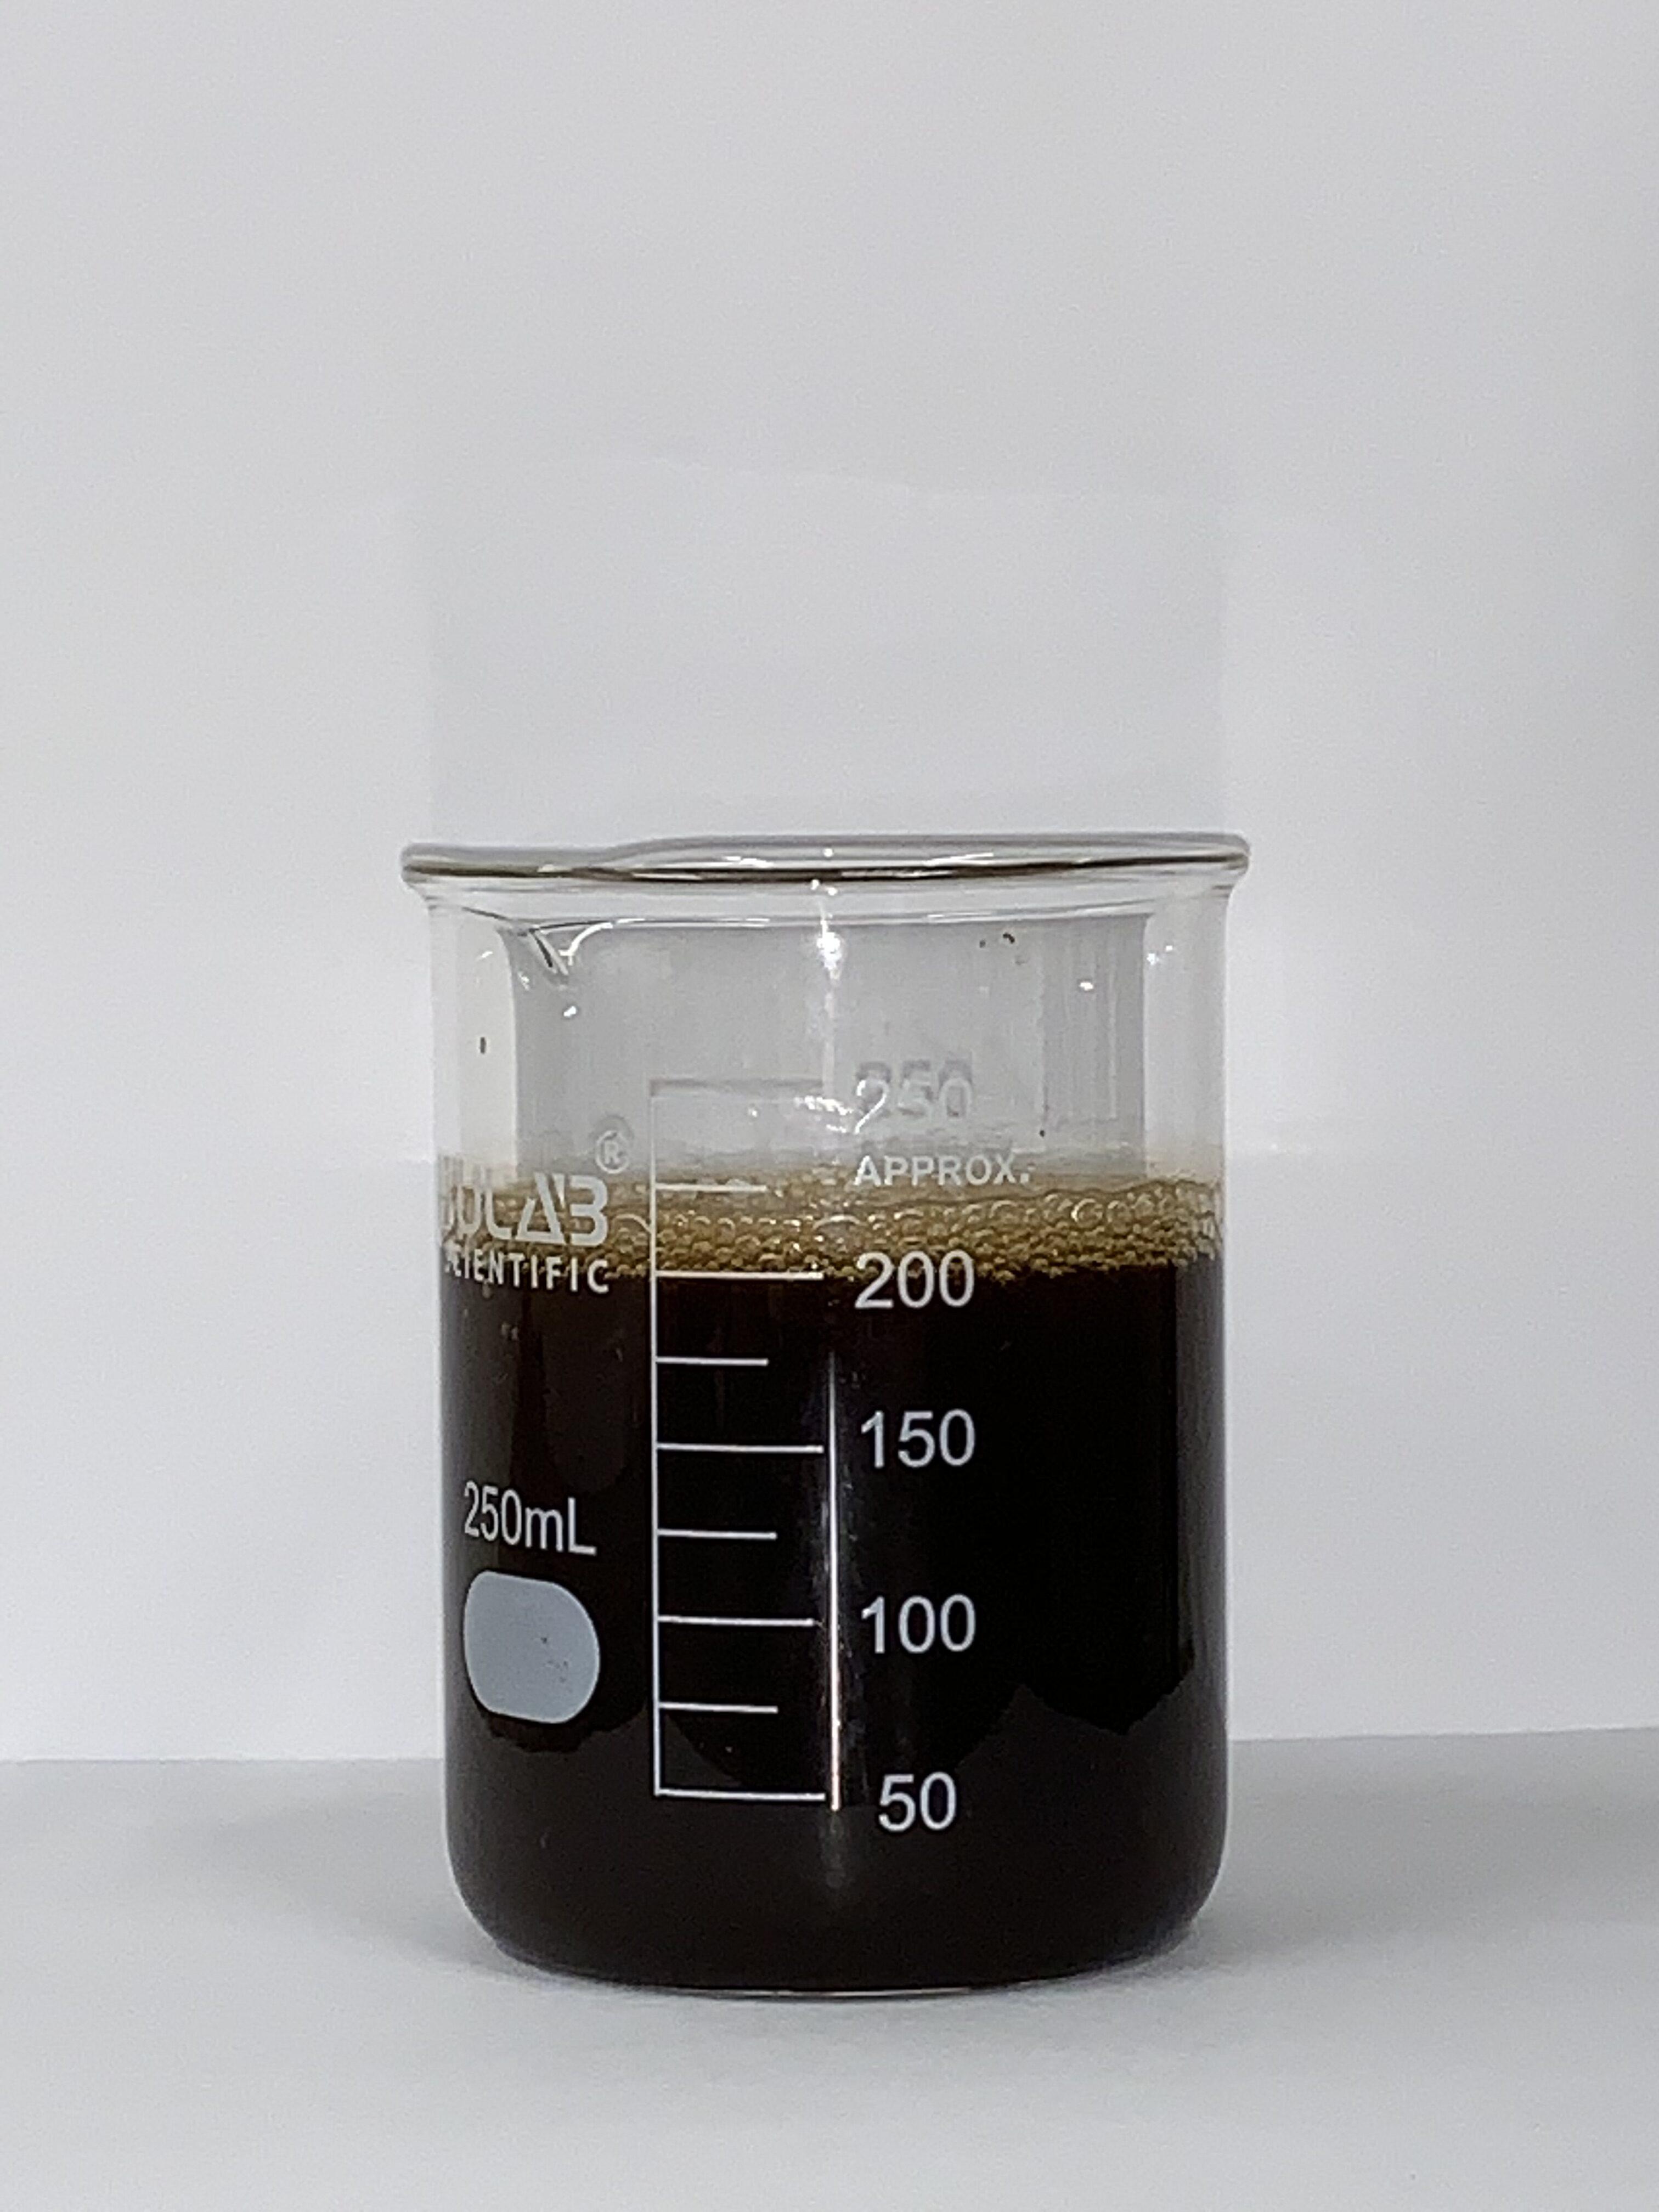 Liquid Kratom Extract v2 formula